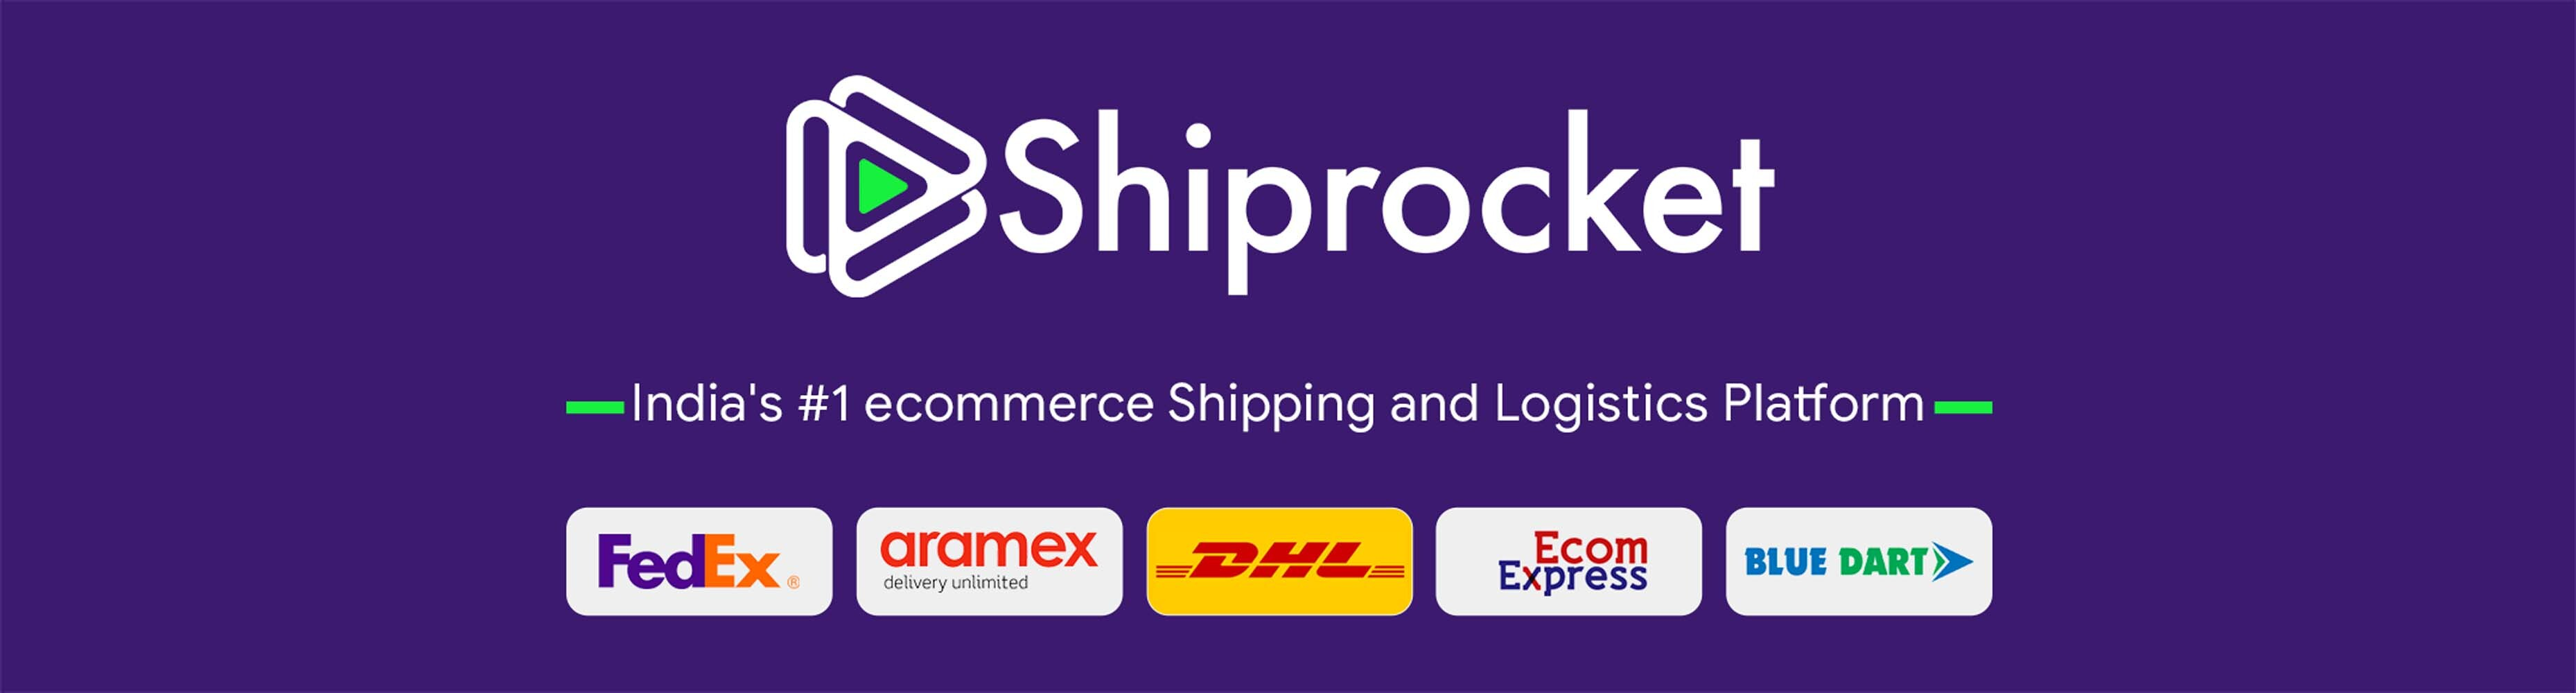 Shiprocket National Delivery